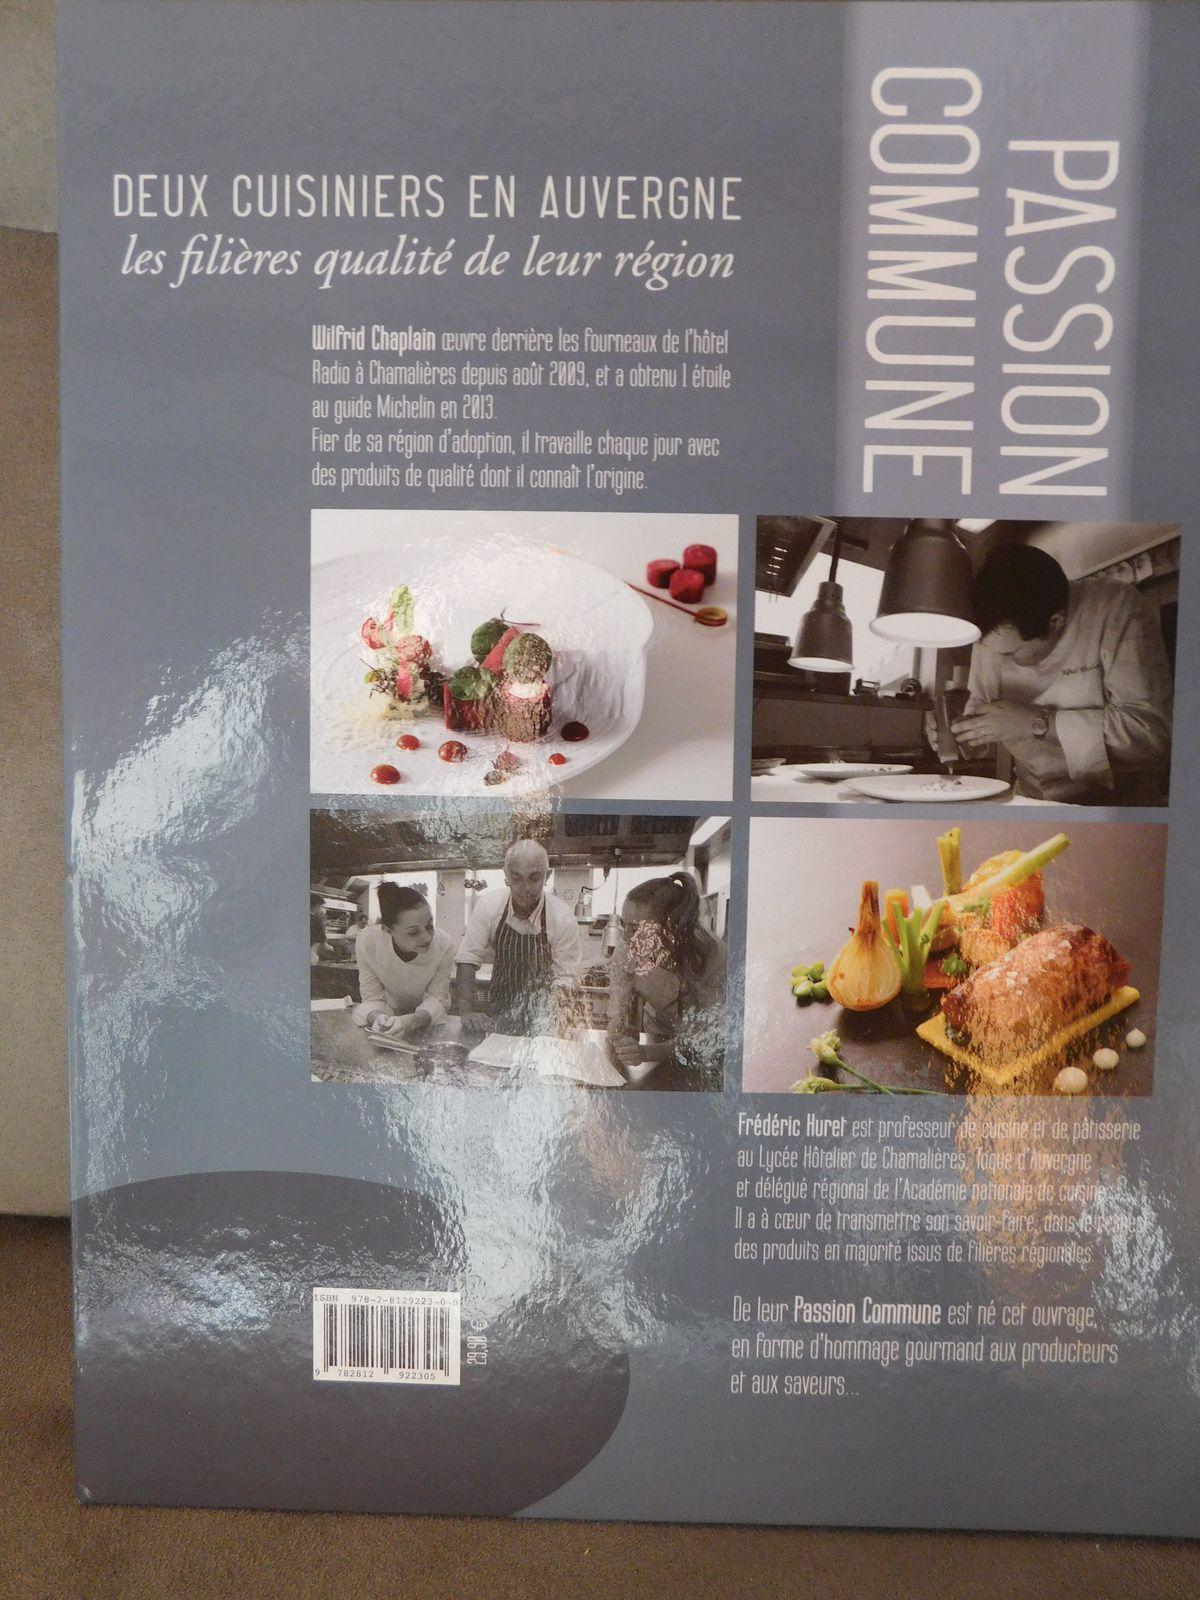 Gagnez ce magnifique ouvrage de cuisine en participant à un concours sur mon compte twitter